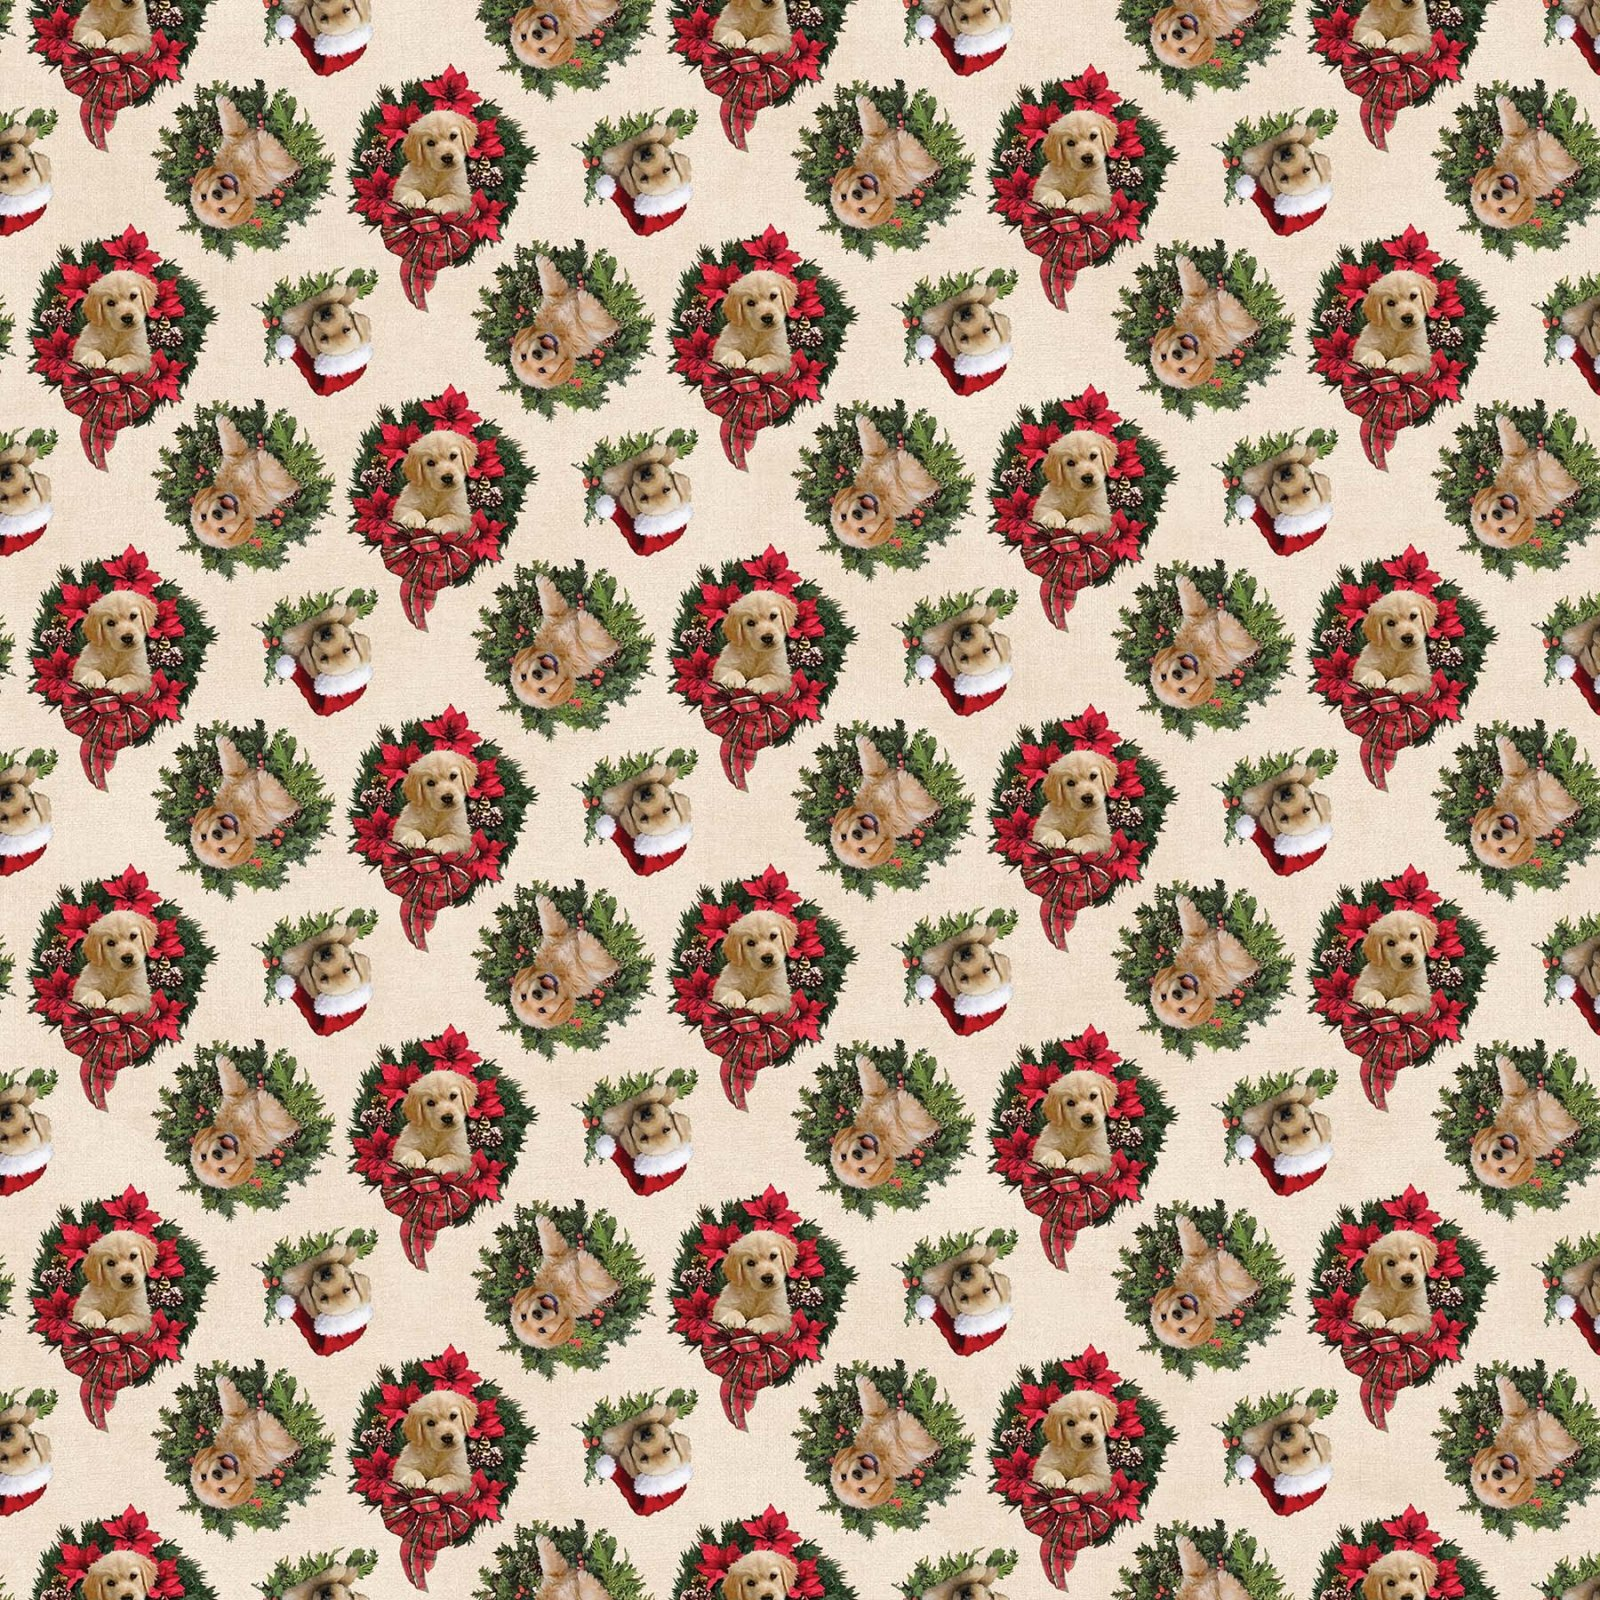 Santa's Helpers  DP23539-11